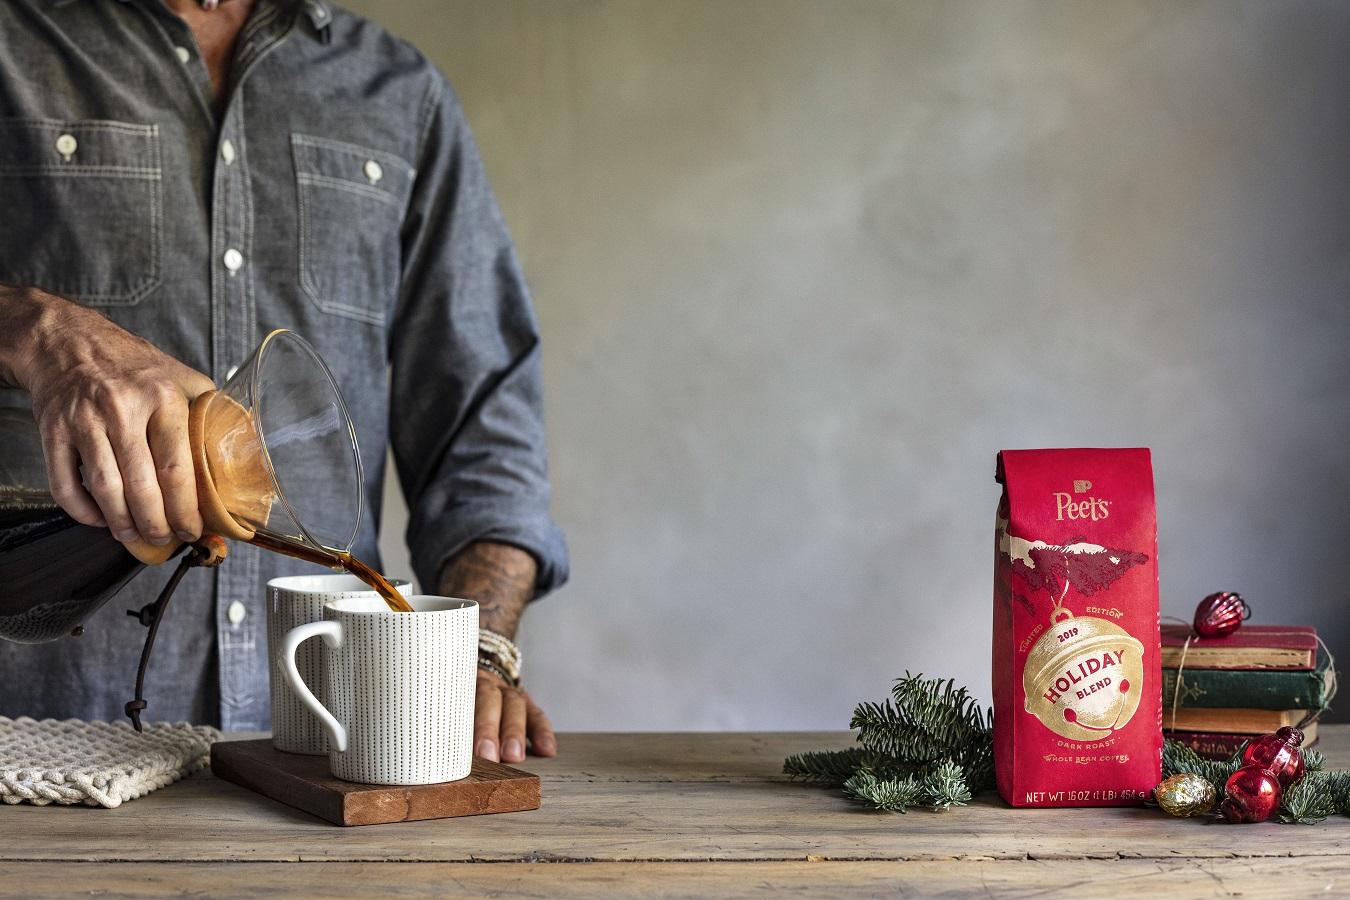 Peet's Coffee Ushers in a Season of Glad Tidings